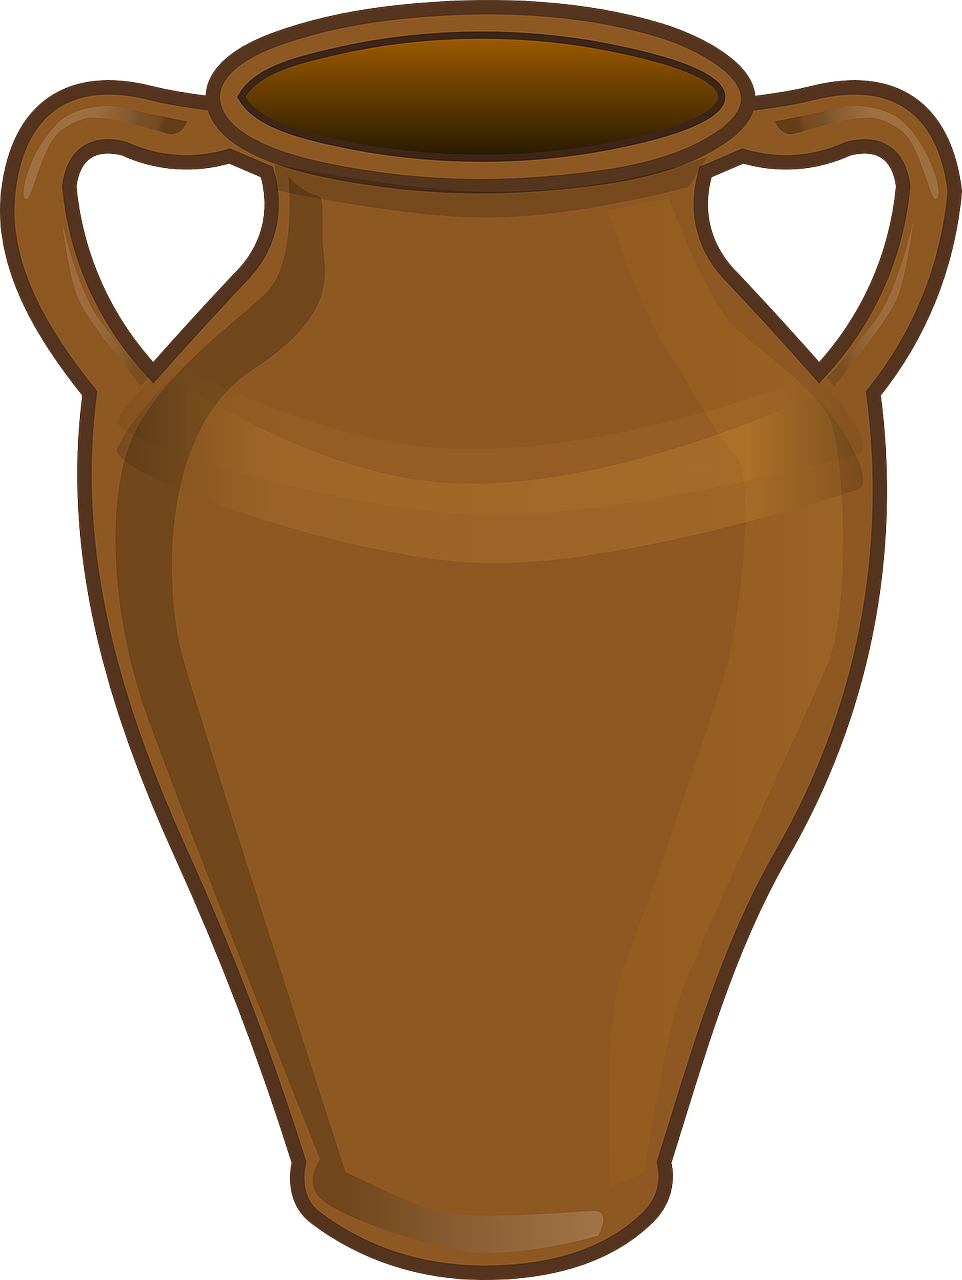 Greek clipart urn greek, Greek urn greek Transparent FREE.